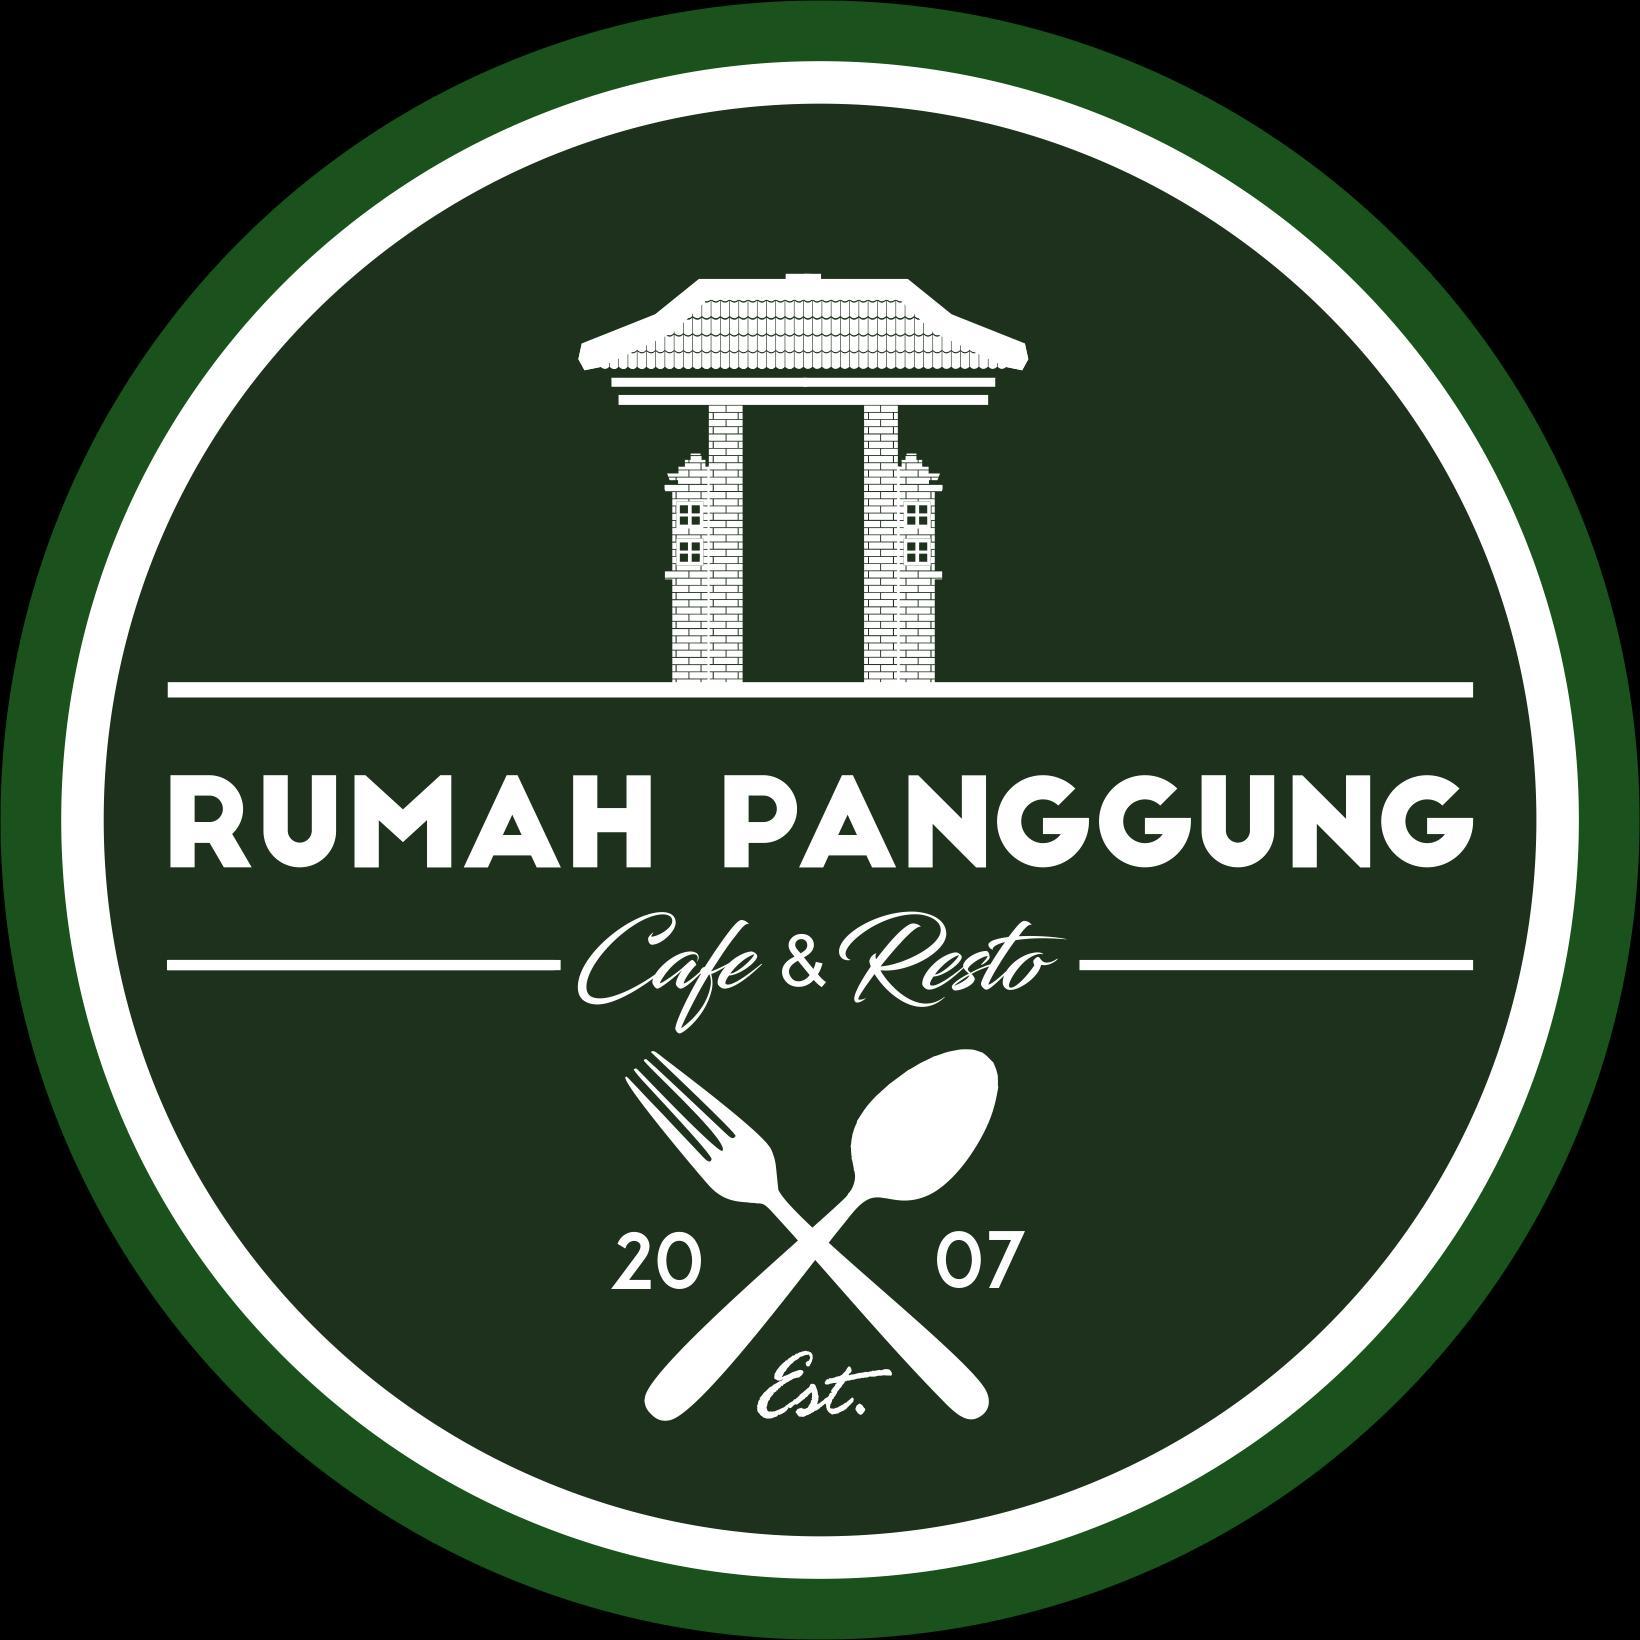 Rumah Panggung Cafe & Resto